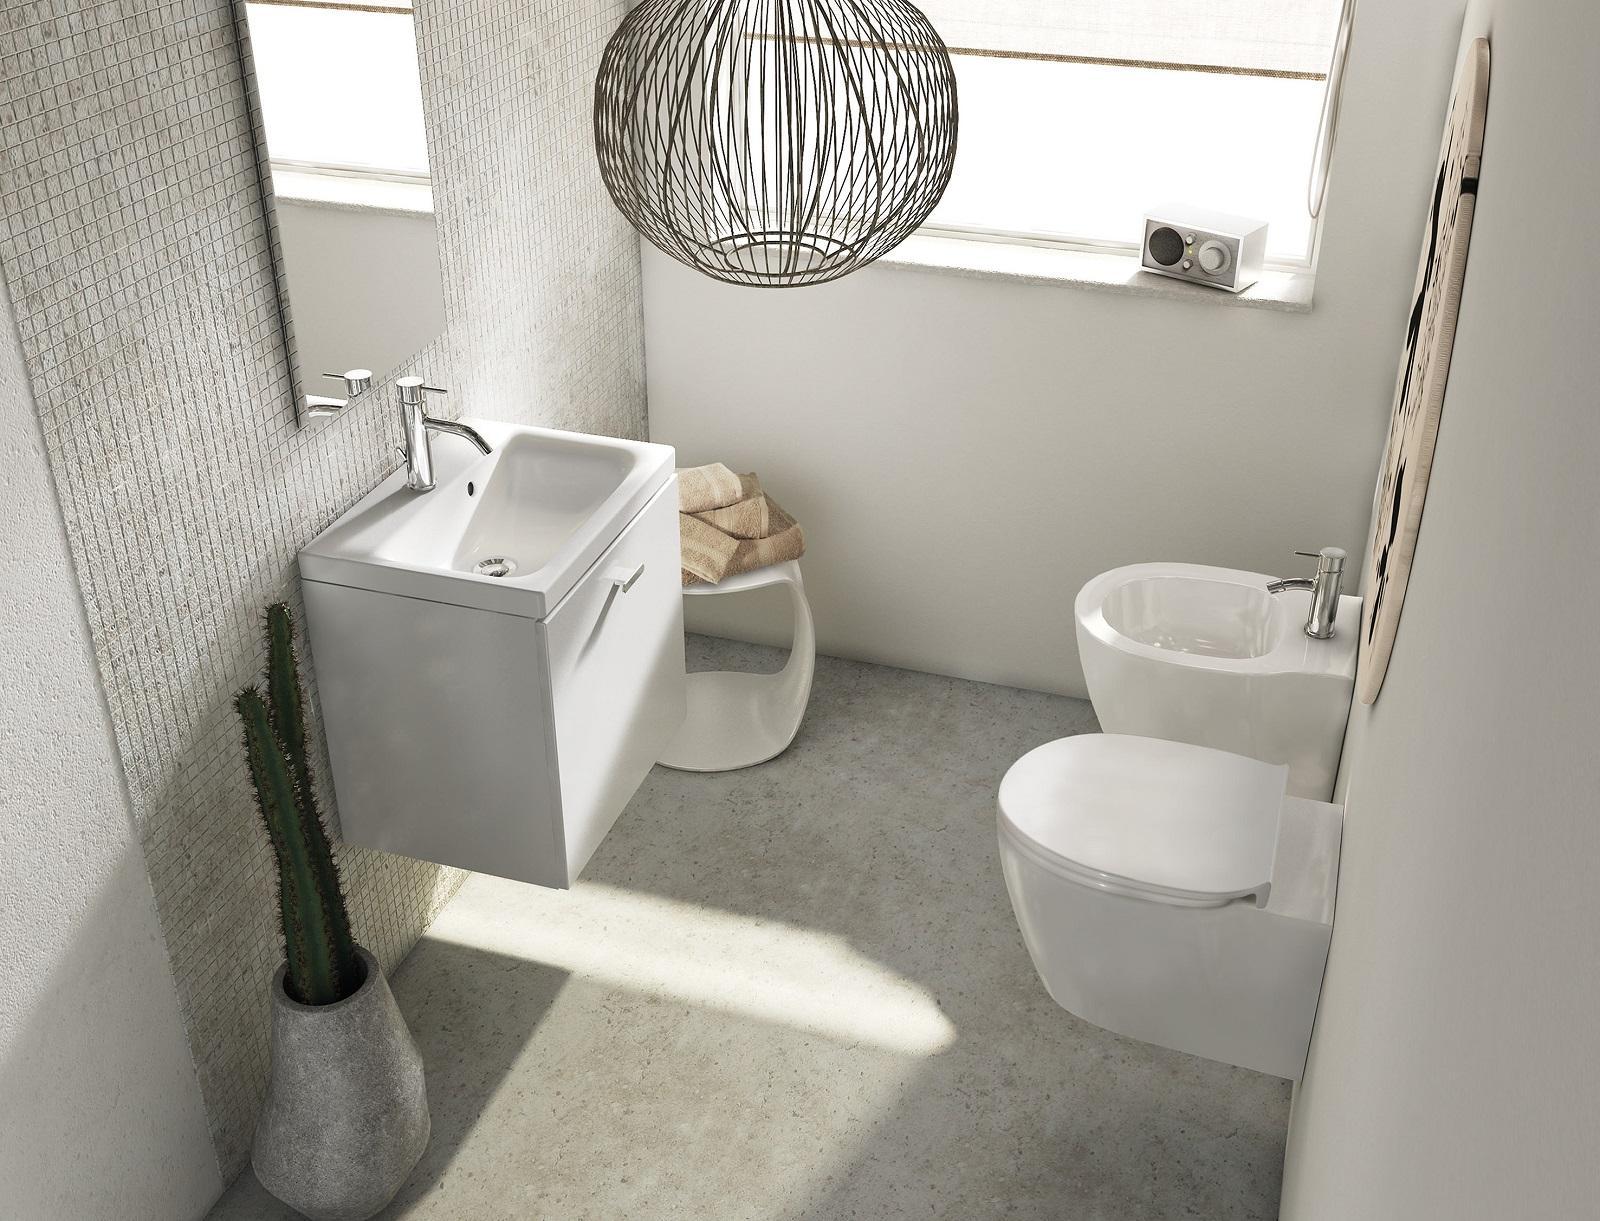 Mobili bagno piccoli con lavabo. Bianchi, in legno o colorati - Cose ...